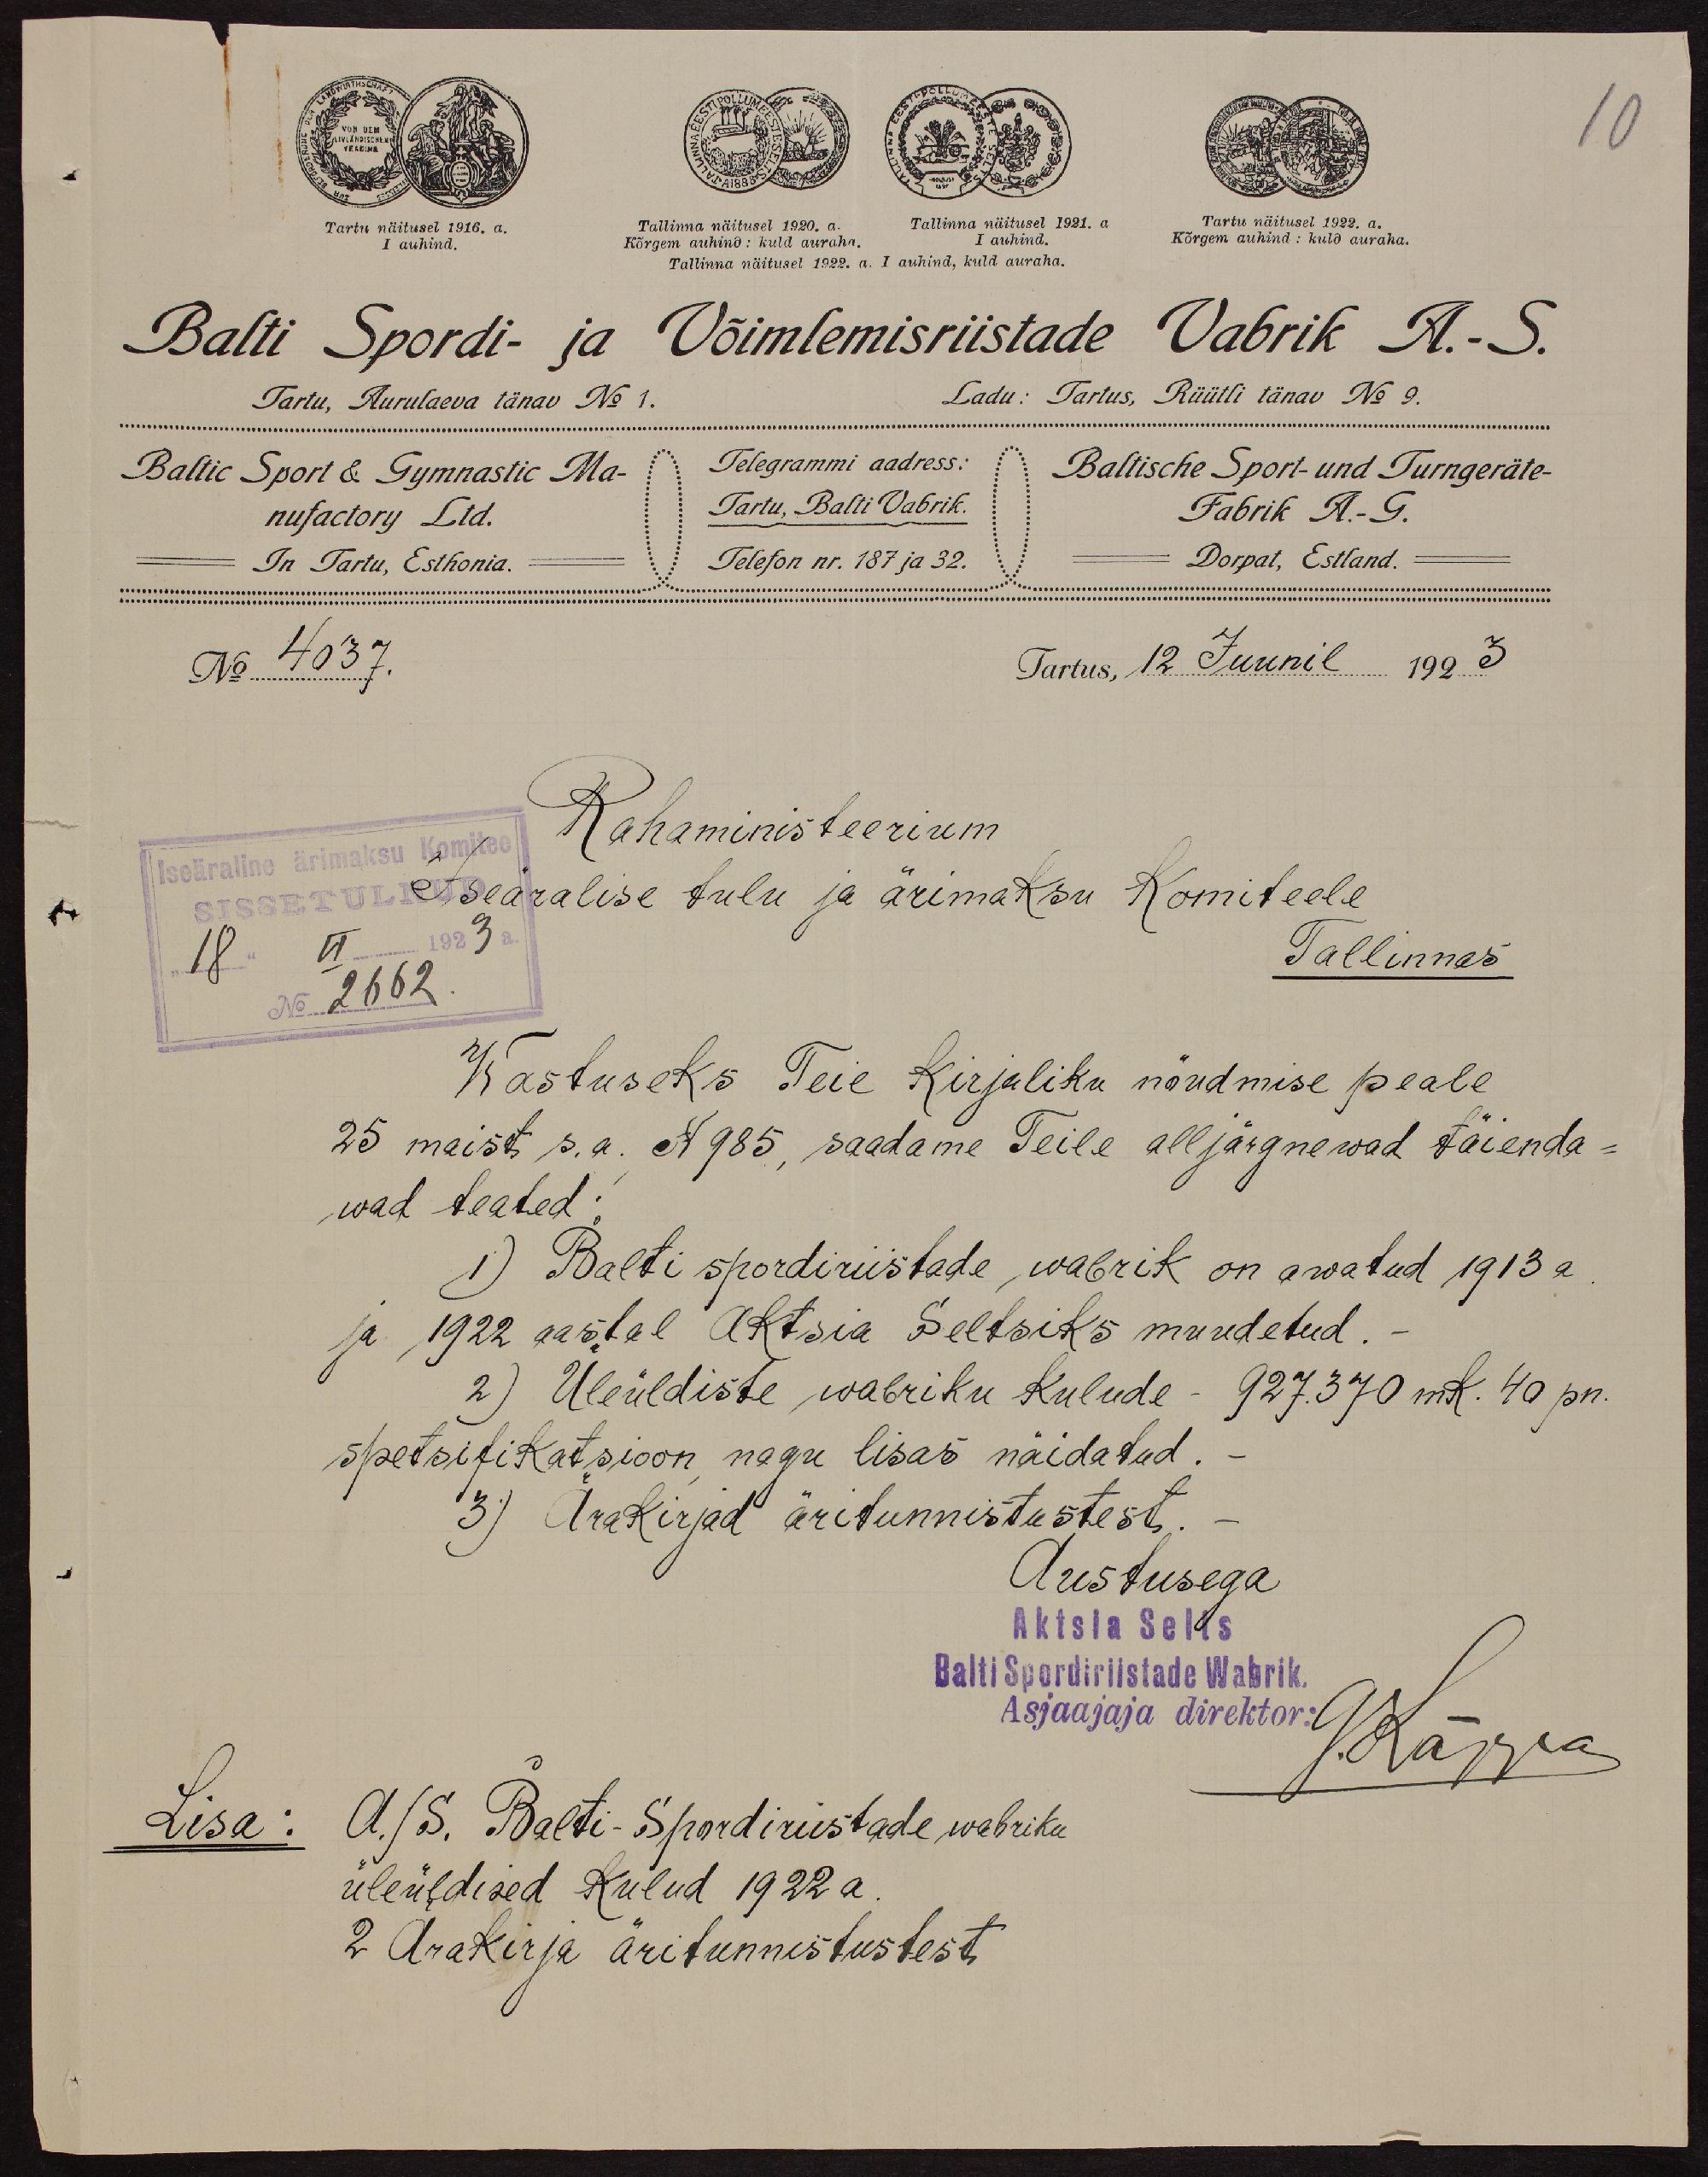 Lehekülg Balti Spordiriistade Vabriku maksutoimikust, 1922. ERA.4434.2.206